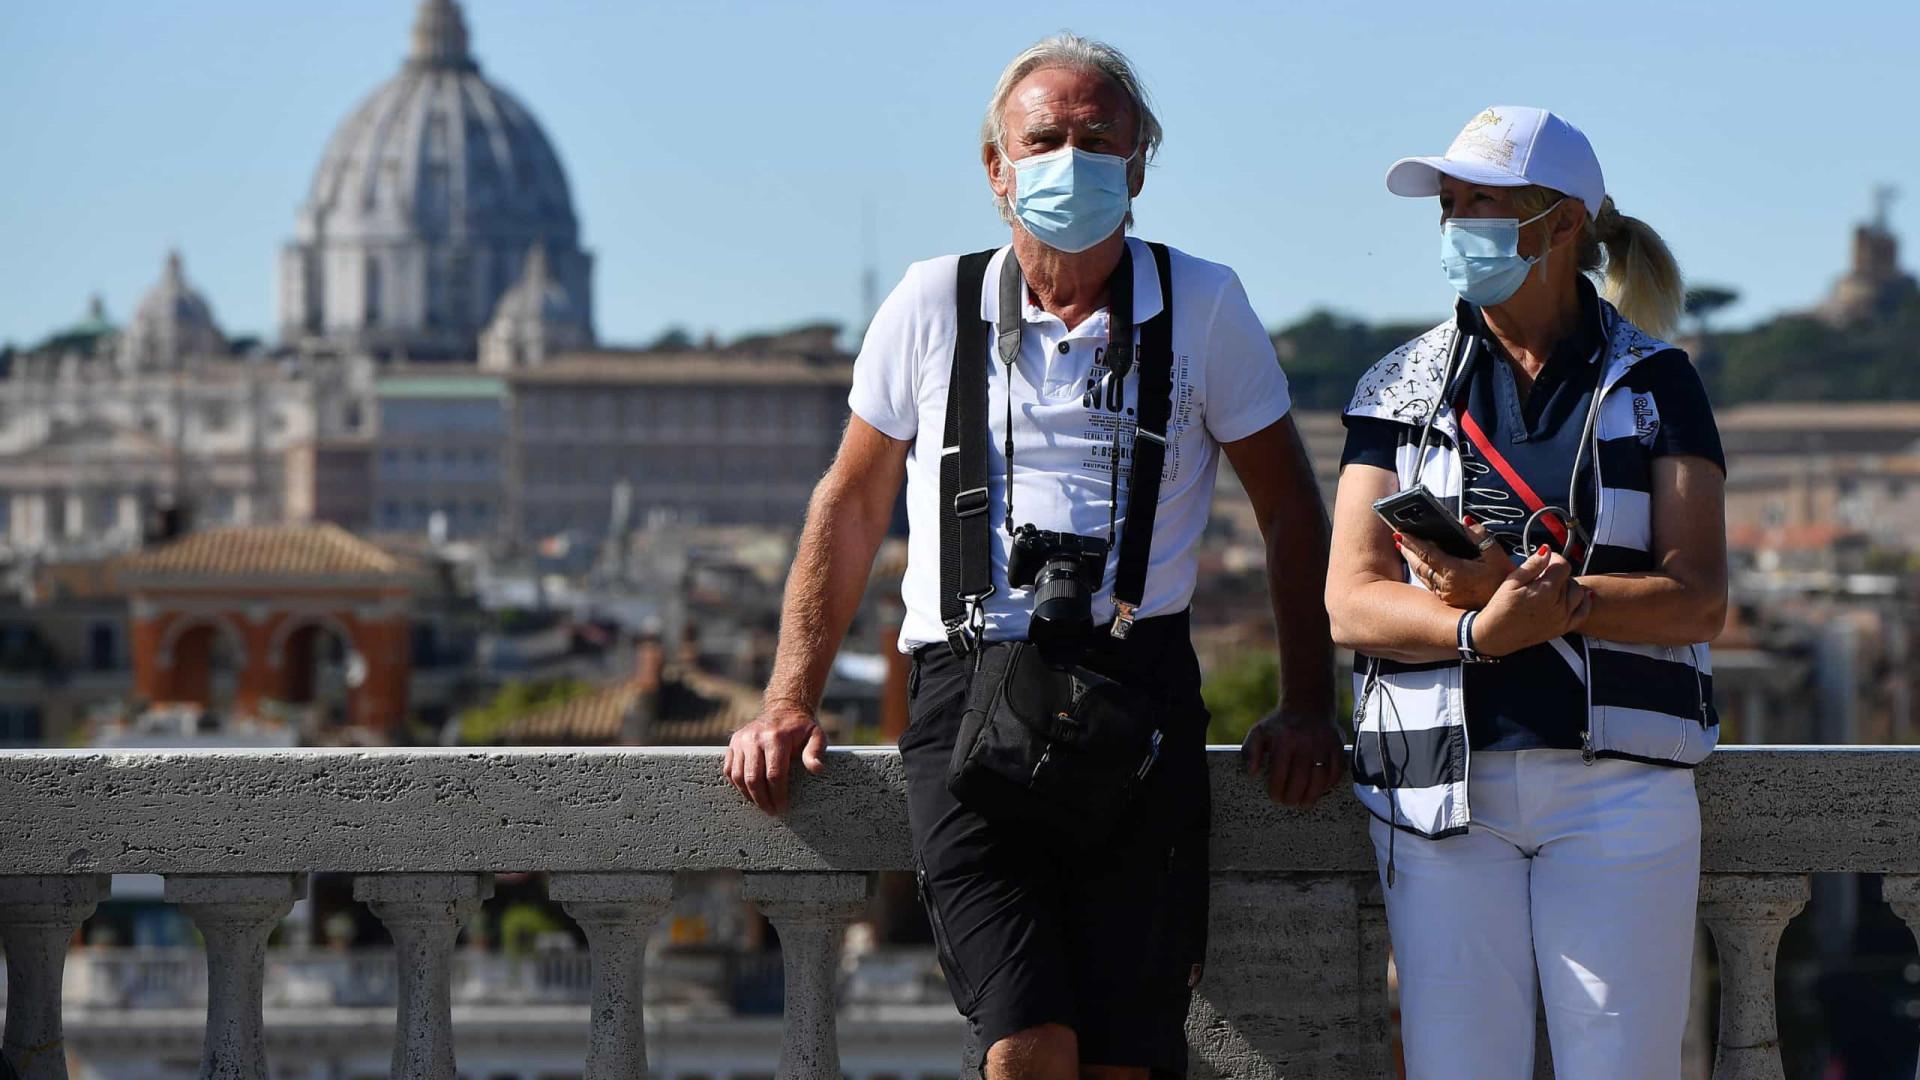 Metade dos europeus planeia viajar já este semestre, segundo um inquérito